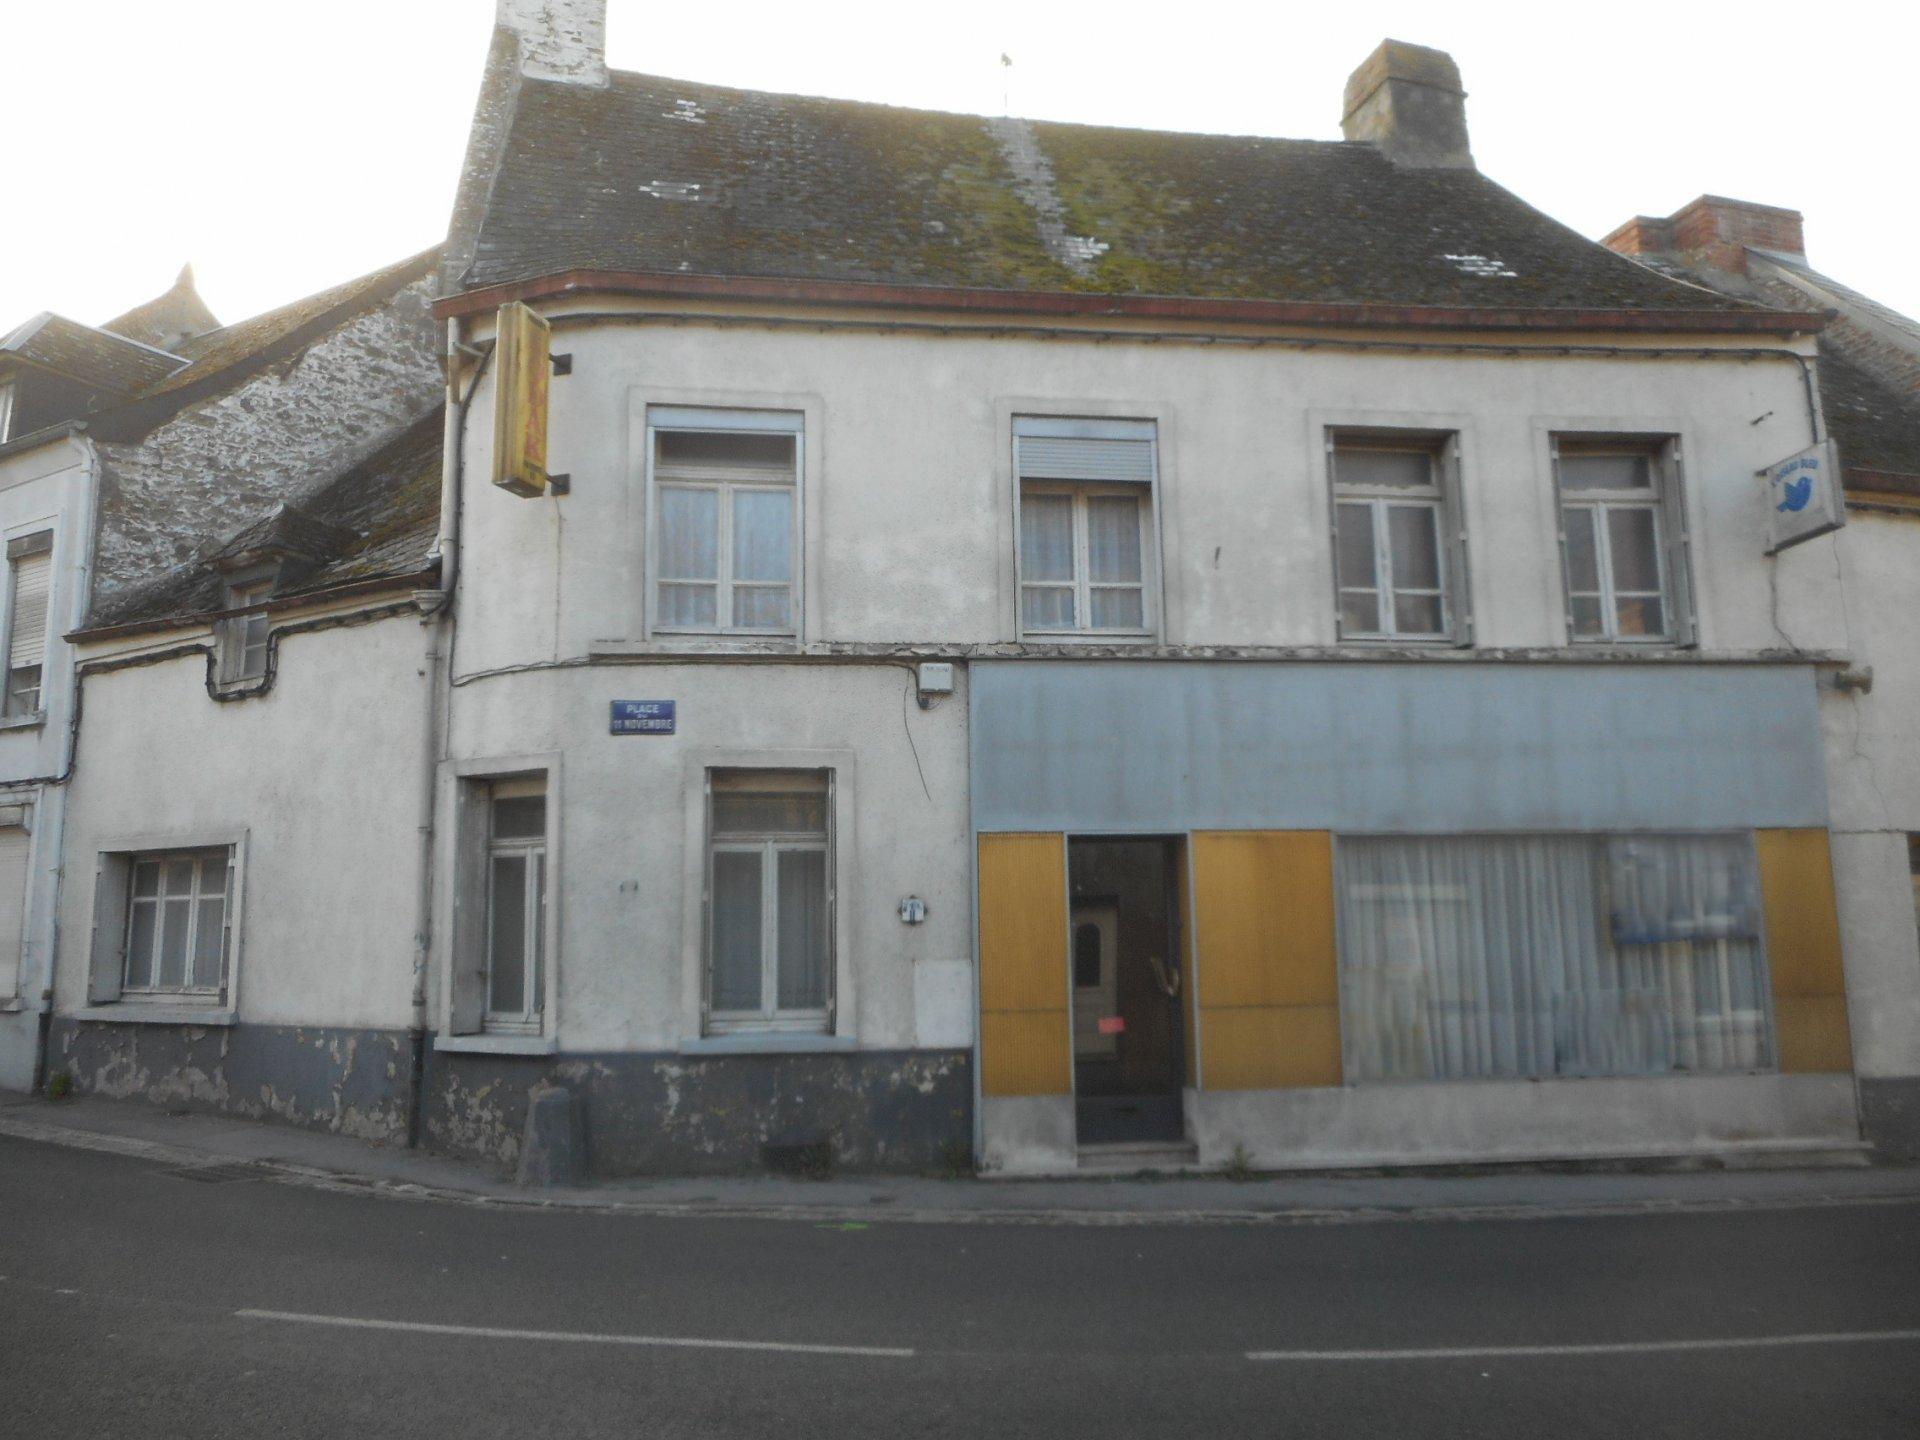 Maison 5 pièces - Bavay centre